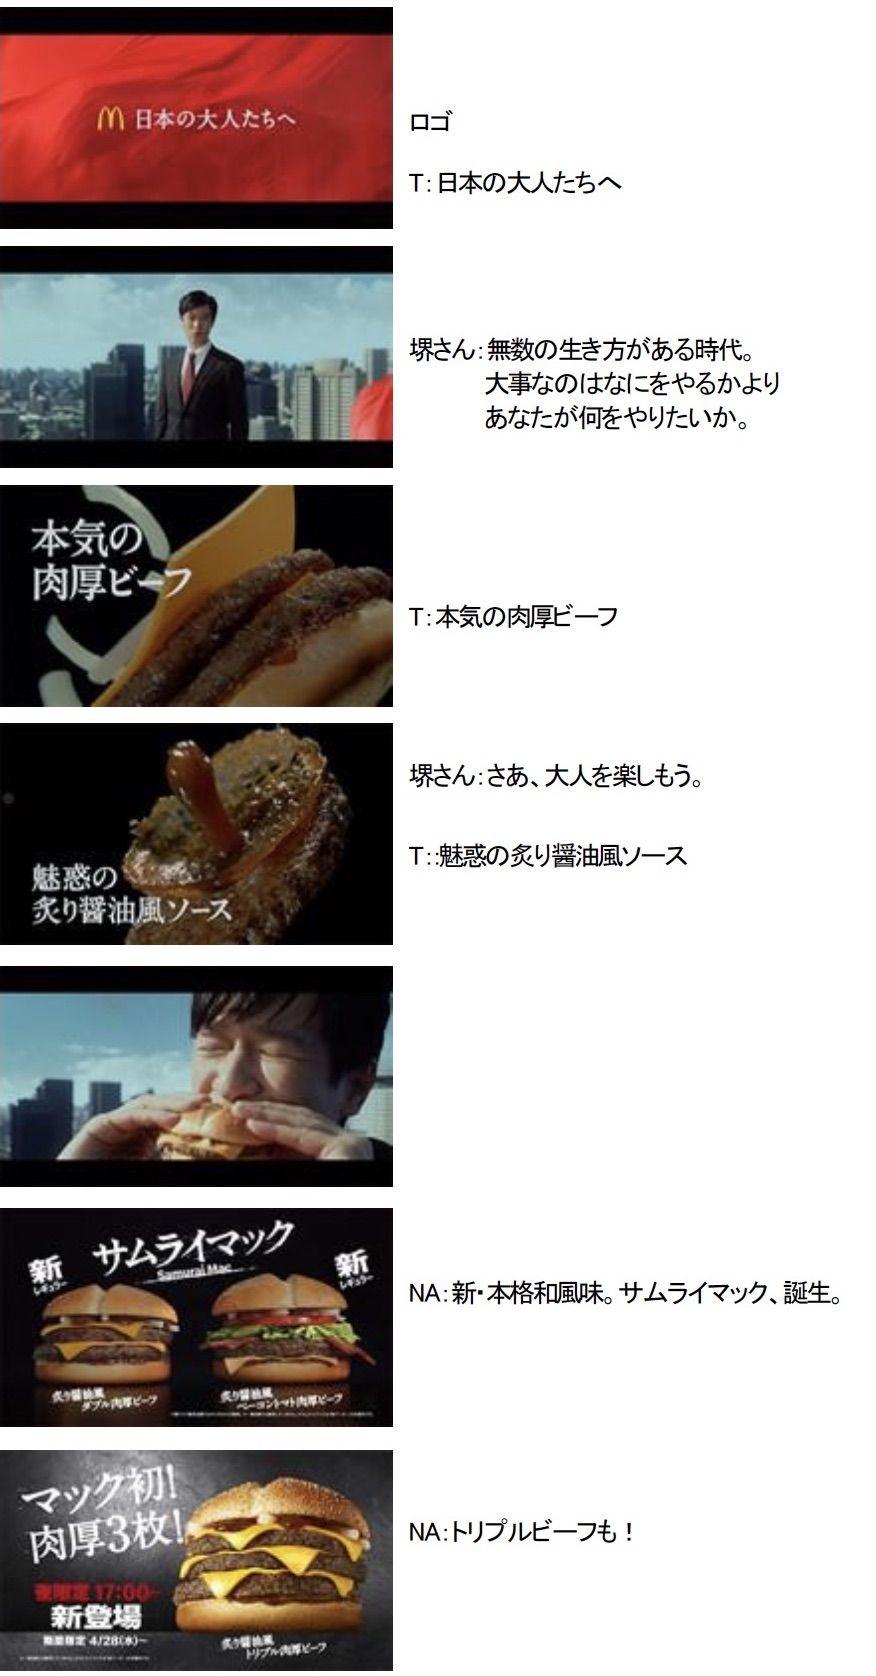 サムライマック「炙り醤油風 トリプル肉厚ビーフ」新TV-CM概要